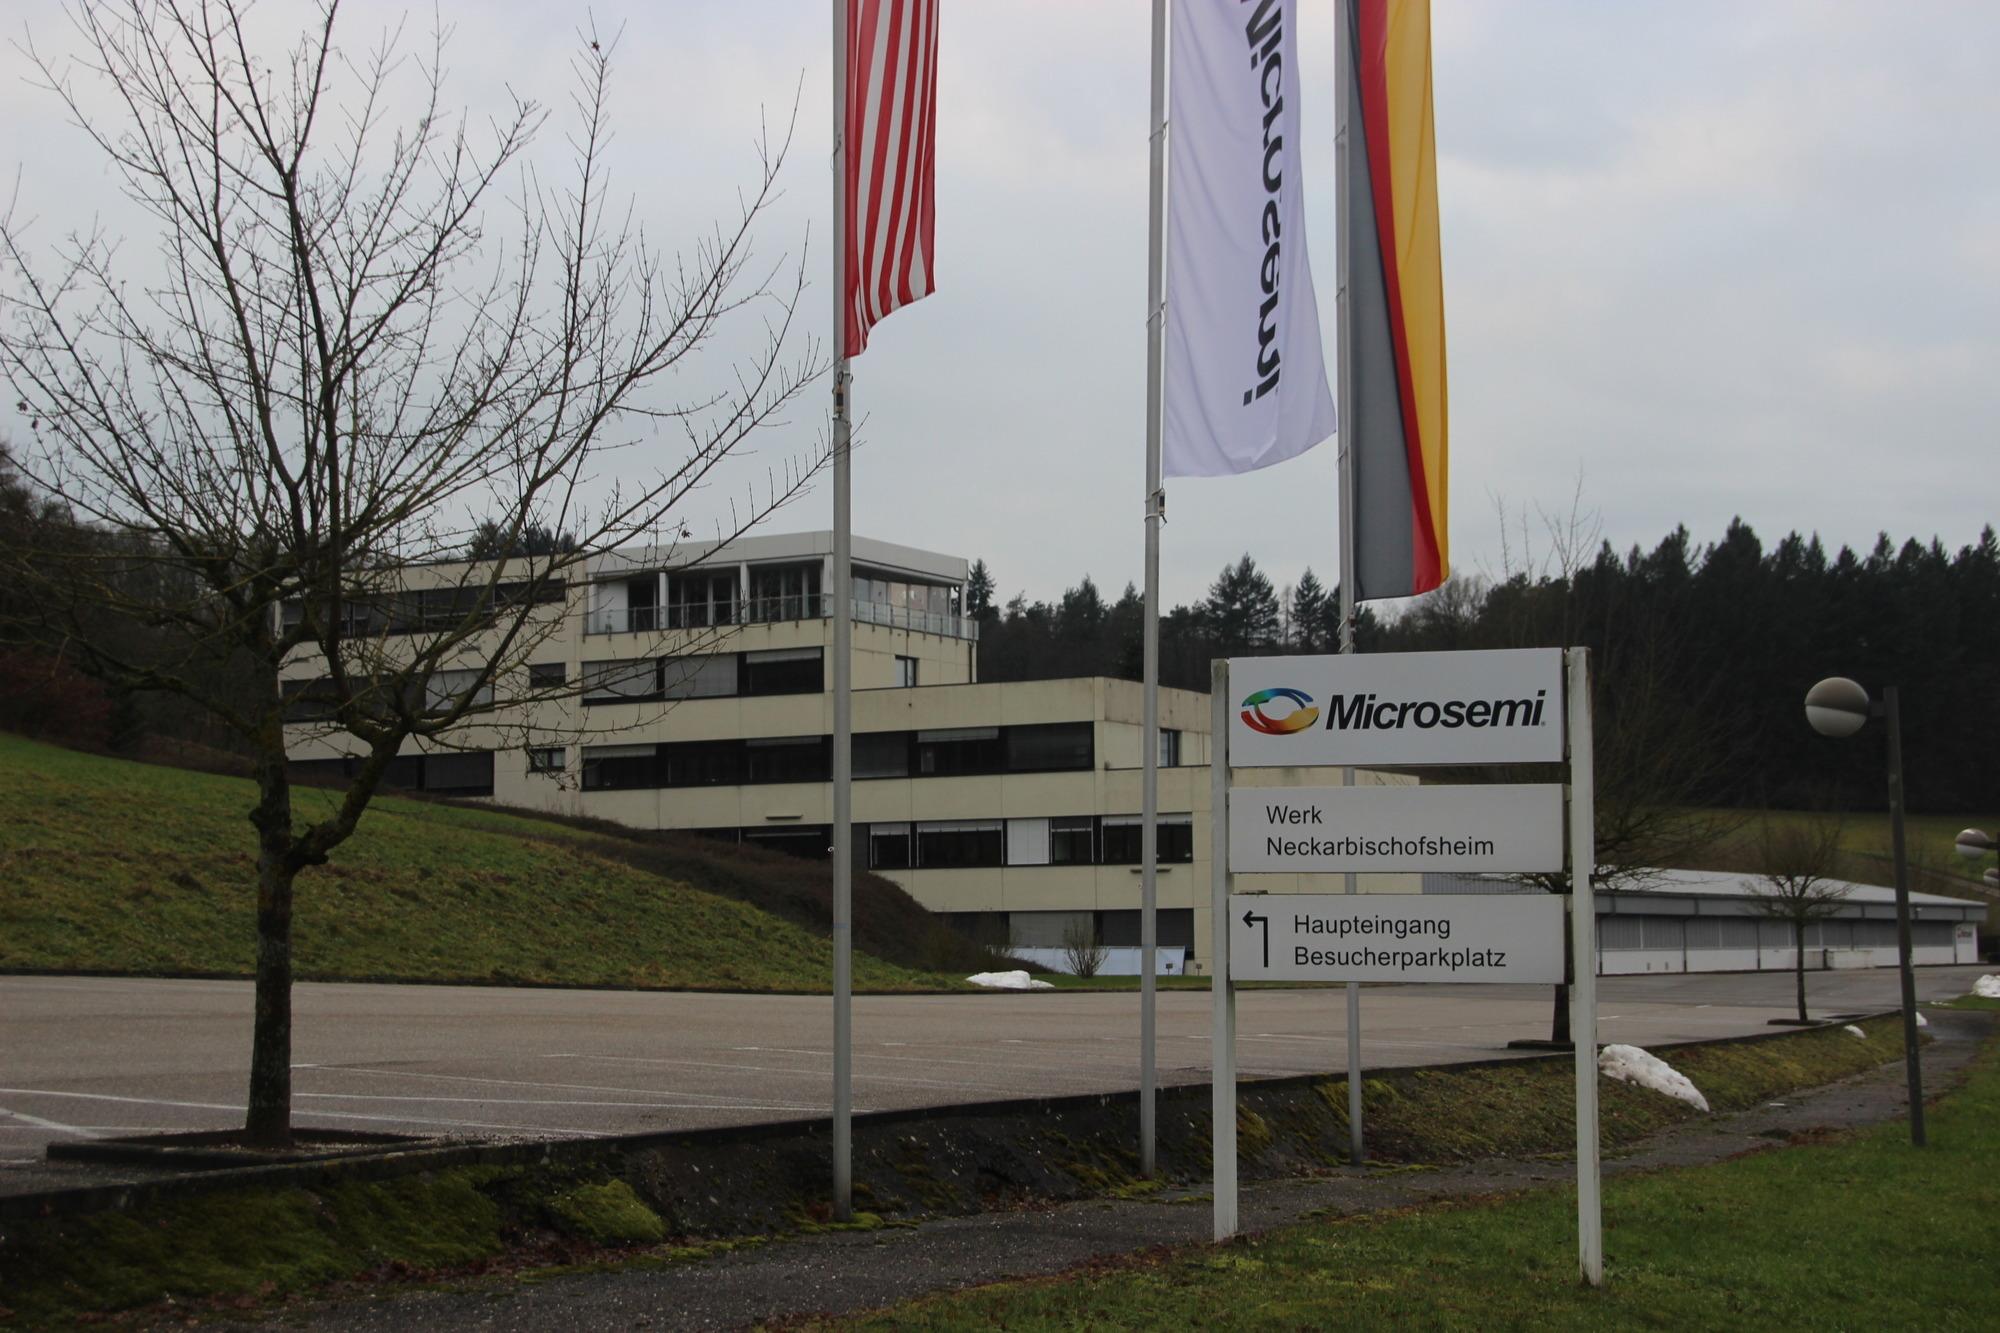 Strichmädchen aus Neckarbischofsheim